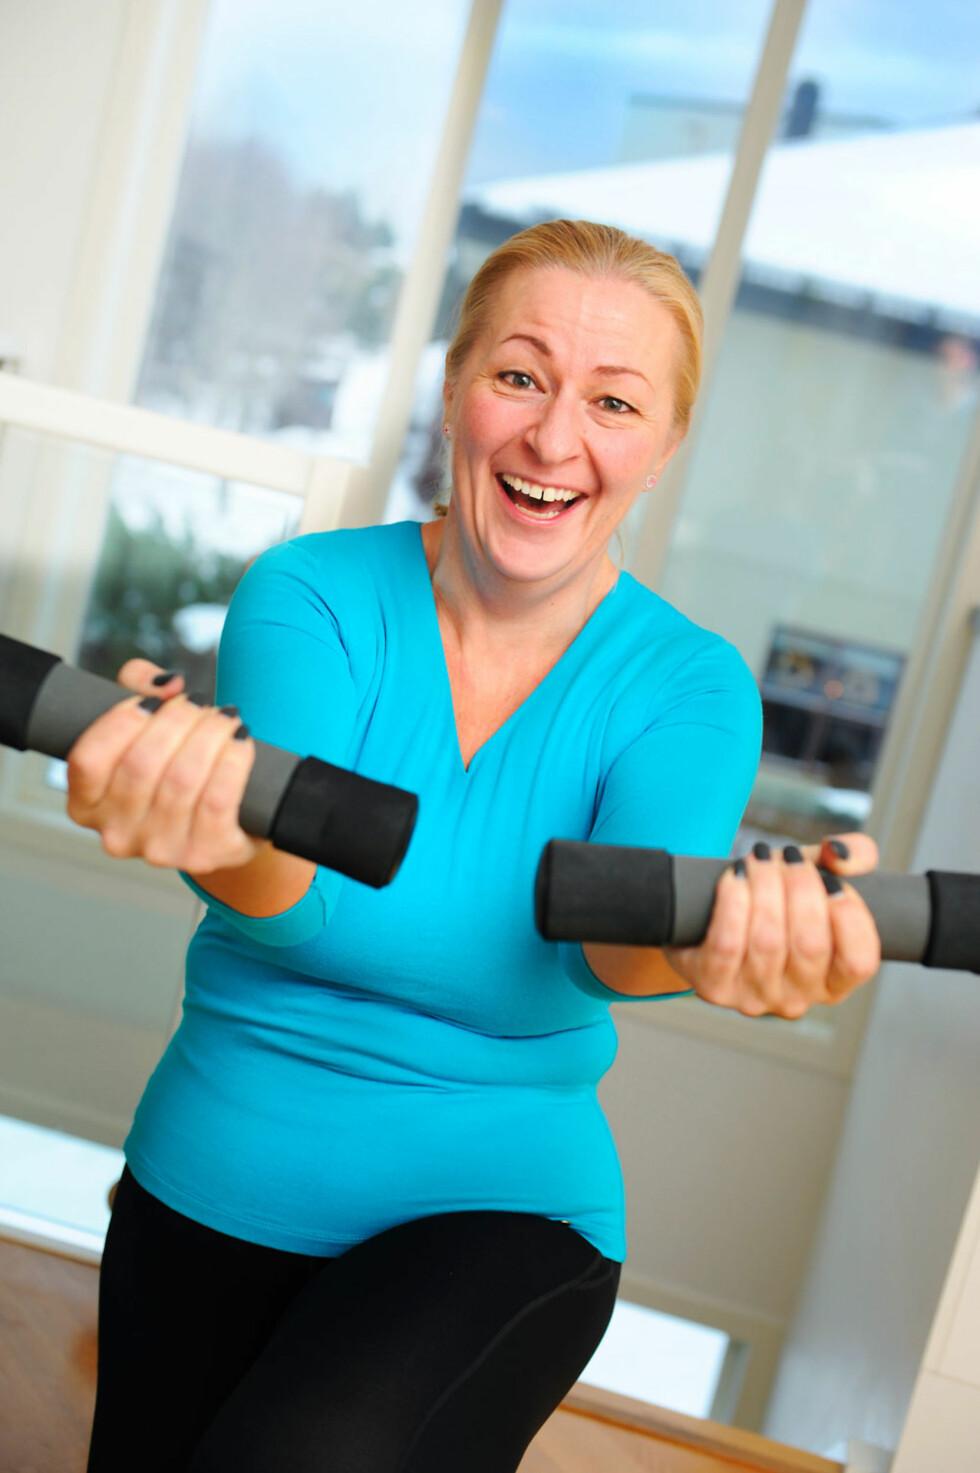 Treningsglede: Heidi trener fem dager i uken, men ikke like intensivt hver gang. -Trener du kun hardt, mister du overskuddet og blir i tillegg ofte lei før du har kommet ordentlig i gang.